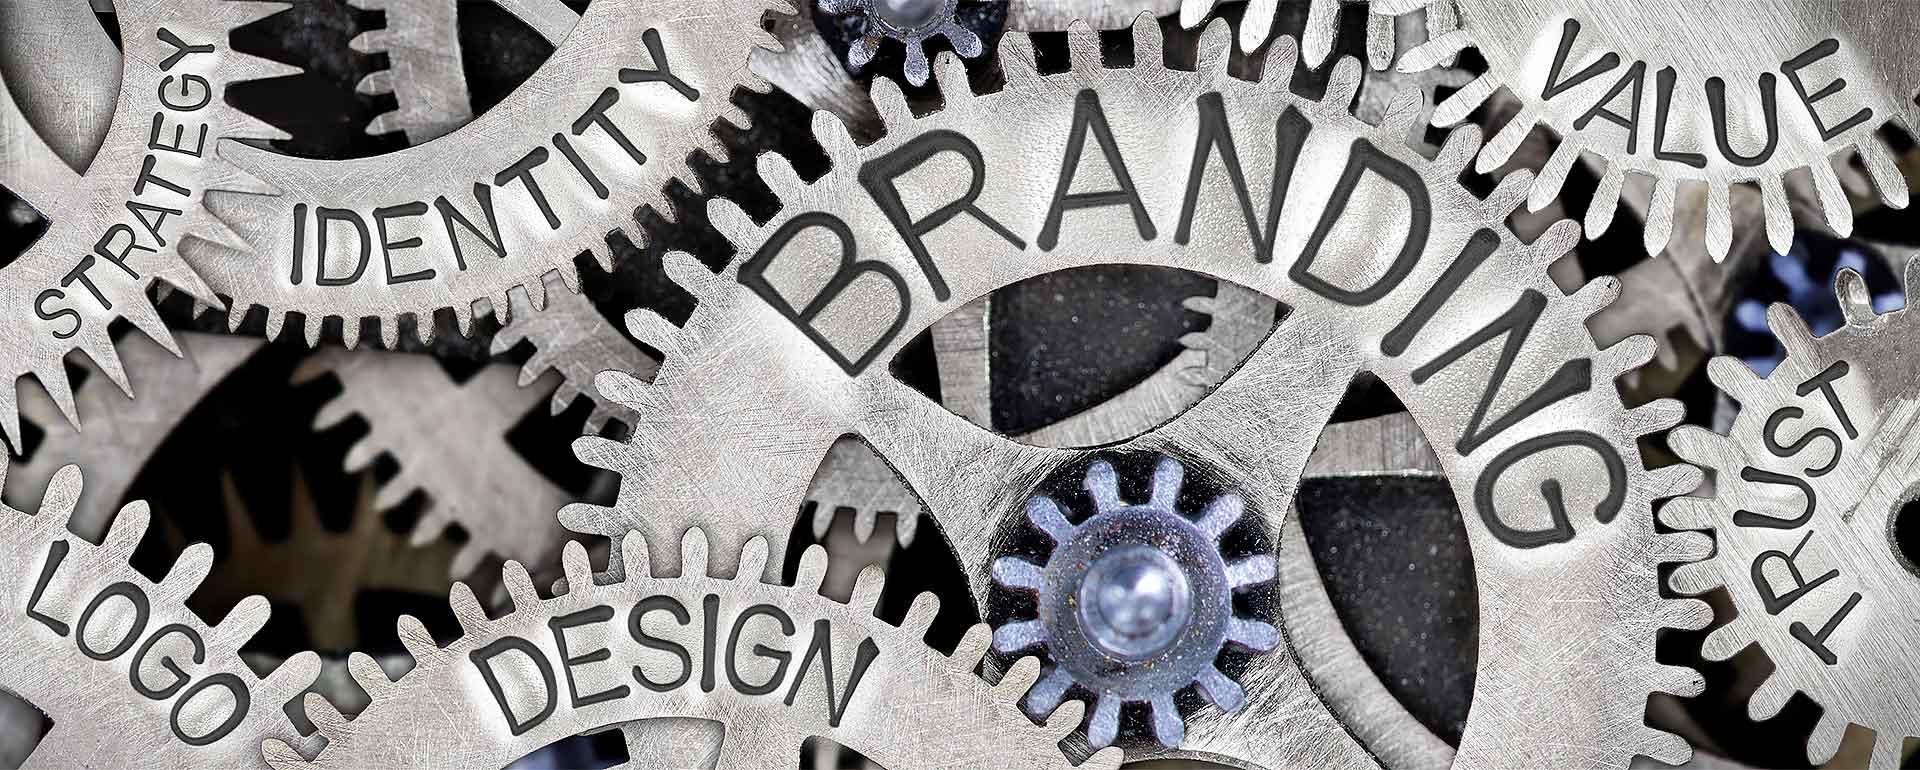 Få en professionel markedsføring - slå dine konkurrenter af banen, få nye kunder og mere salg